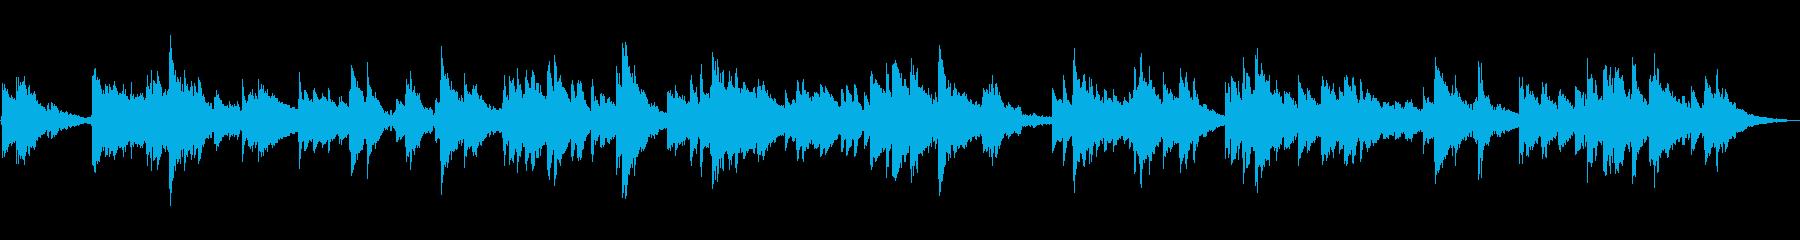 静かな池のエレクトリックピアノの再生済みの波形